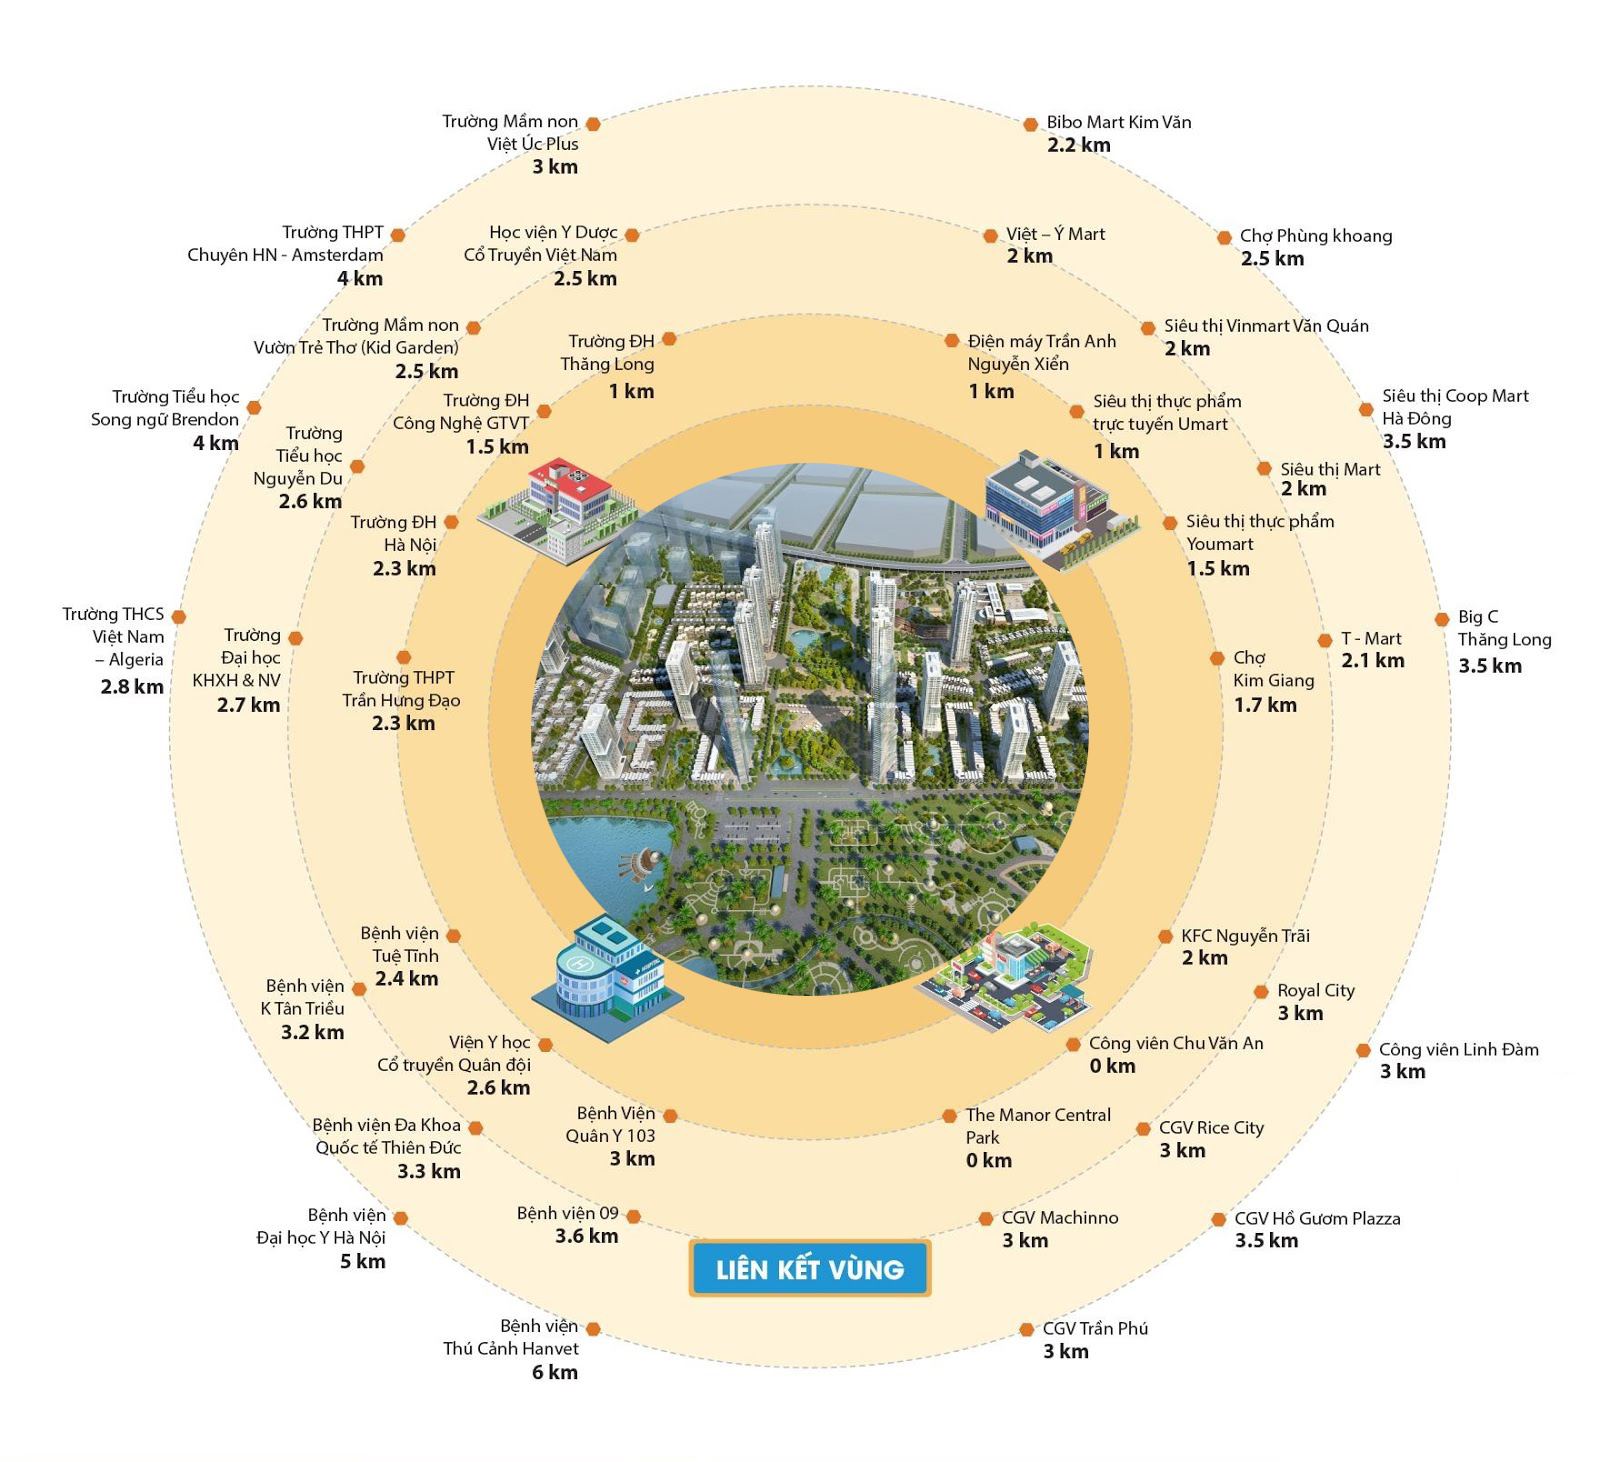 Liên kết vùng dự án Phối cảnh tổng thể dự án The Maner Center Park